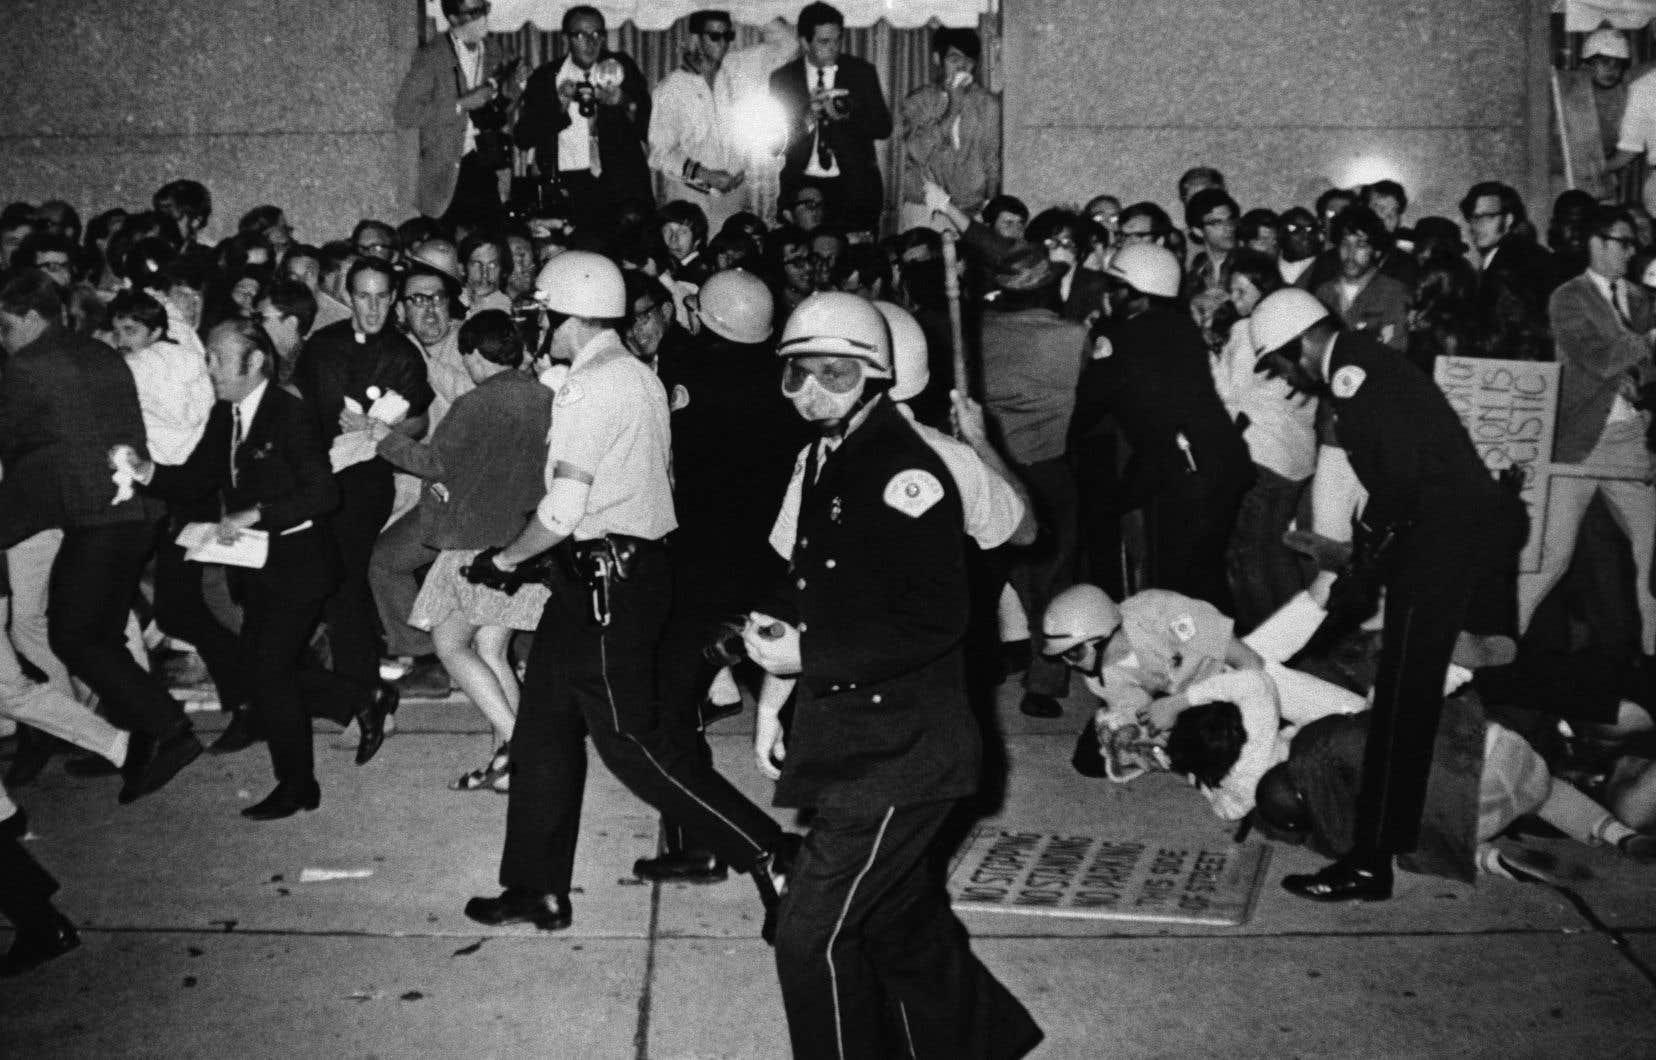 Attirés par les violences qui affligent la ville depuis l'assassinat de Martin Luther King et la convention démocrate de 1968, les journalistes du monde entier sont réunis dans la «Ville des vents» pour voir comment la justice américaine va procéder contre les Black Panthers qu'on accuse de tous les maux.